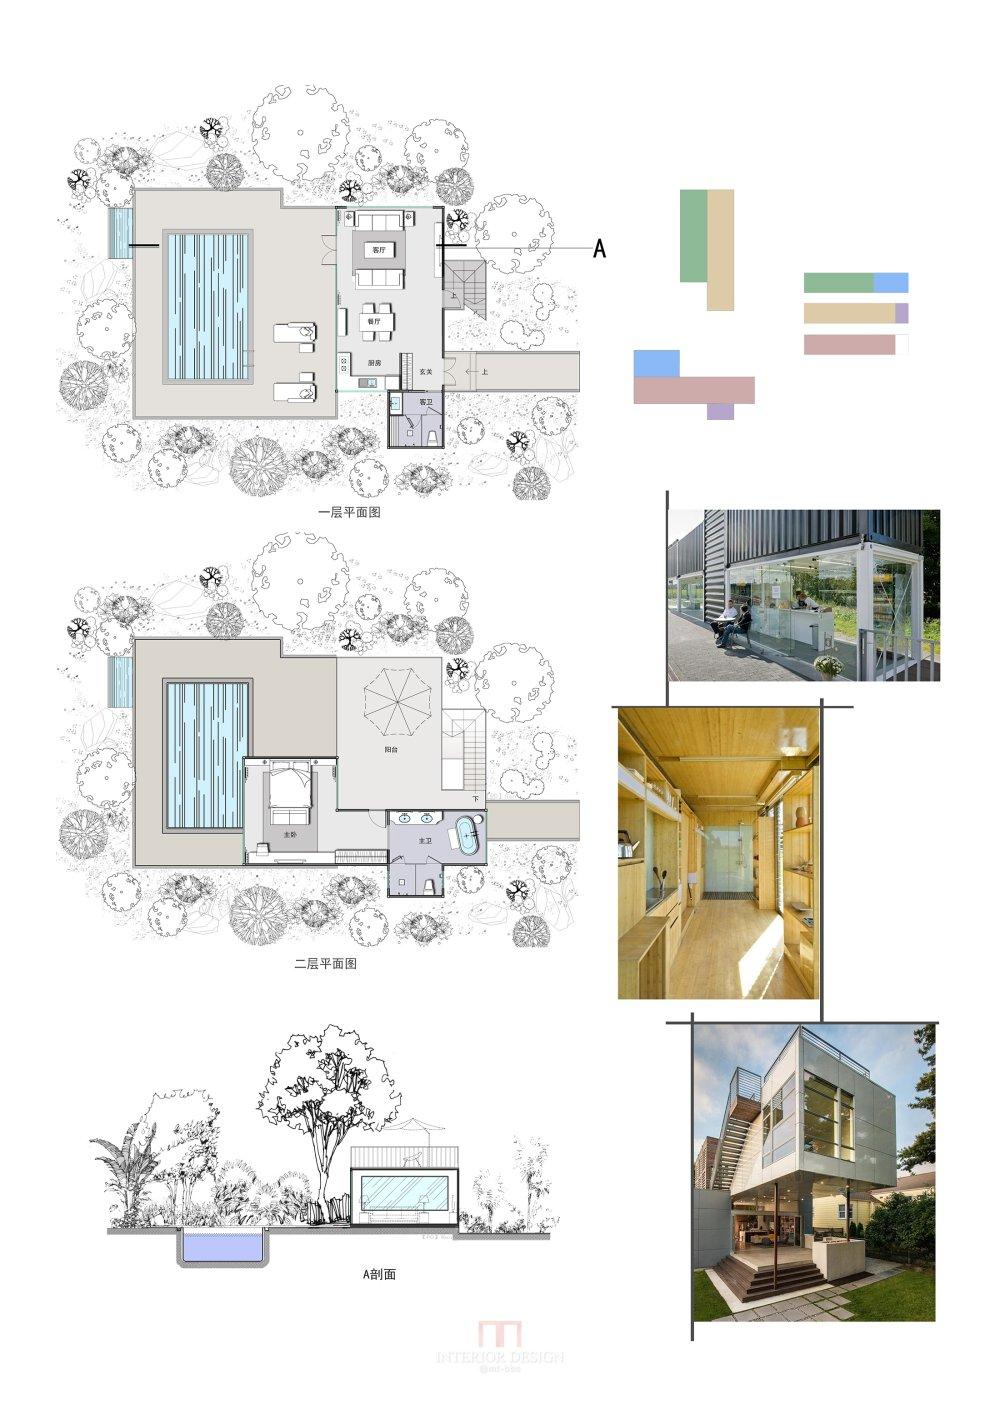 【第16期-住宅平面优化】一个集装箱住宅12套方案 投票奖励DB_04.jpg